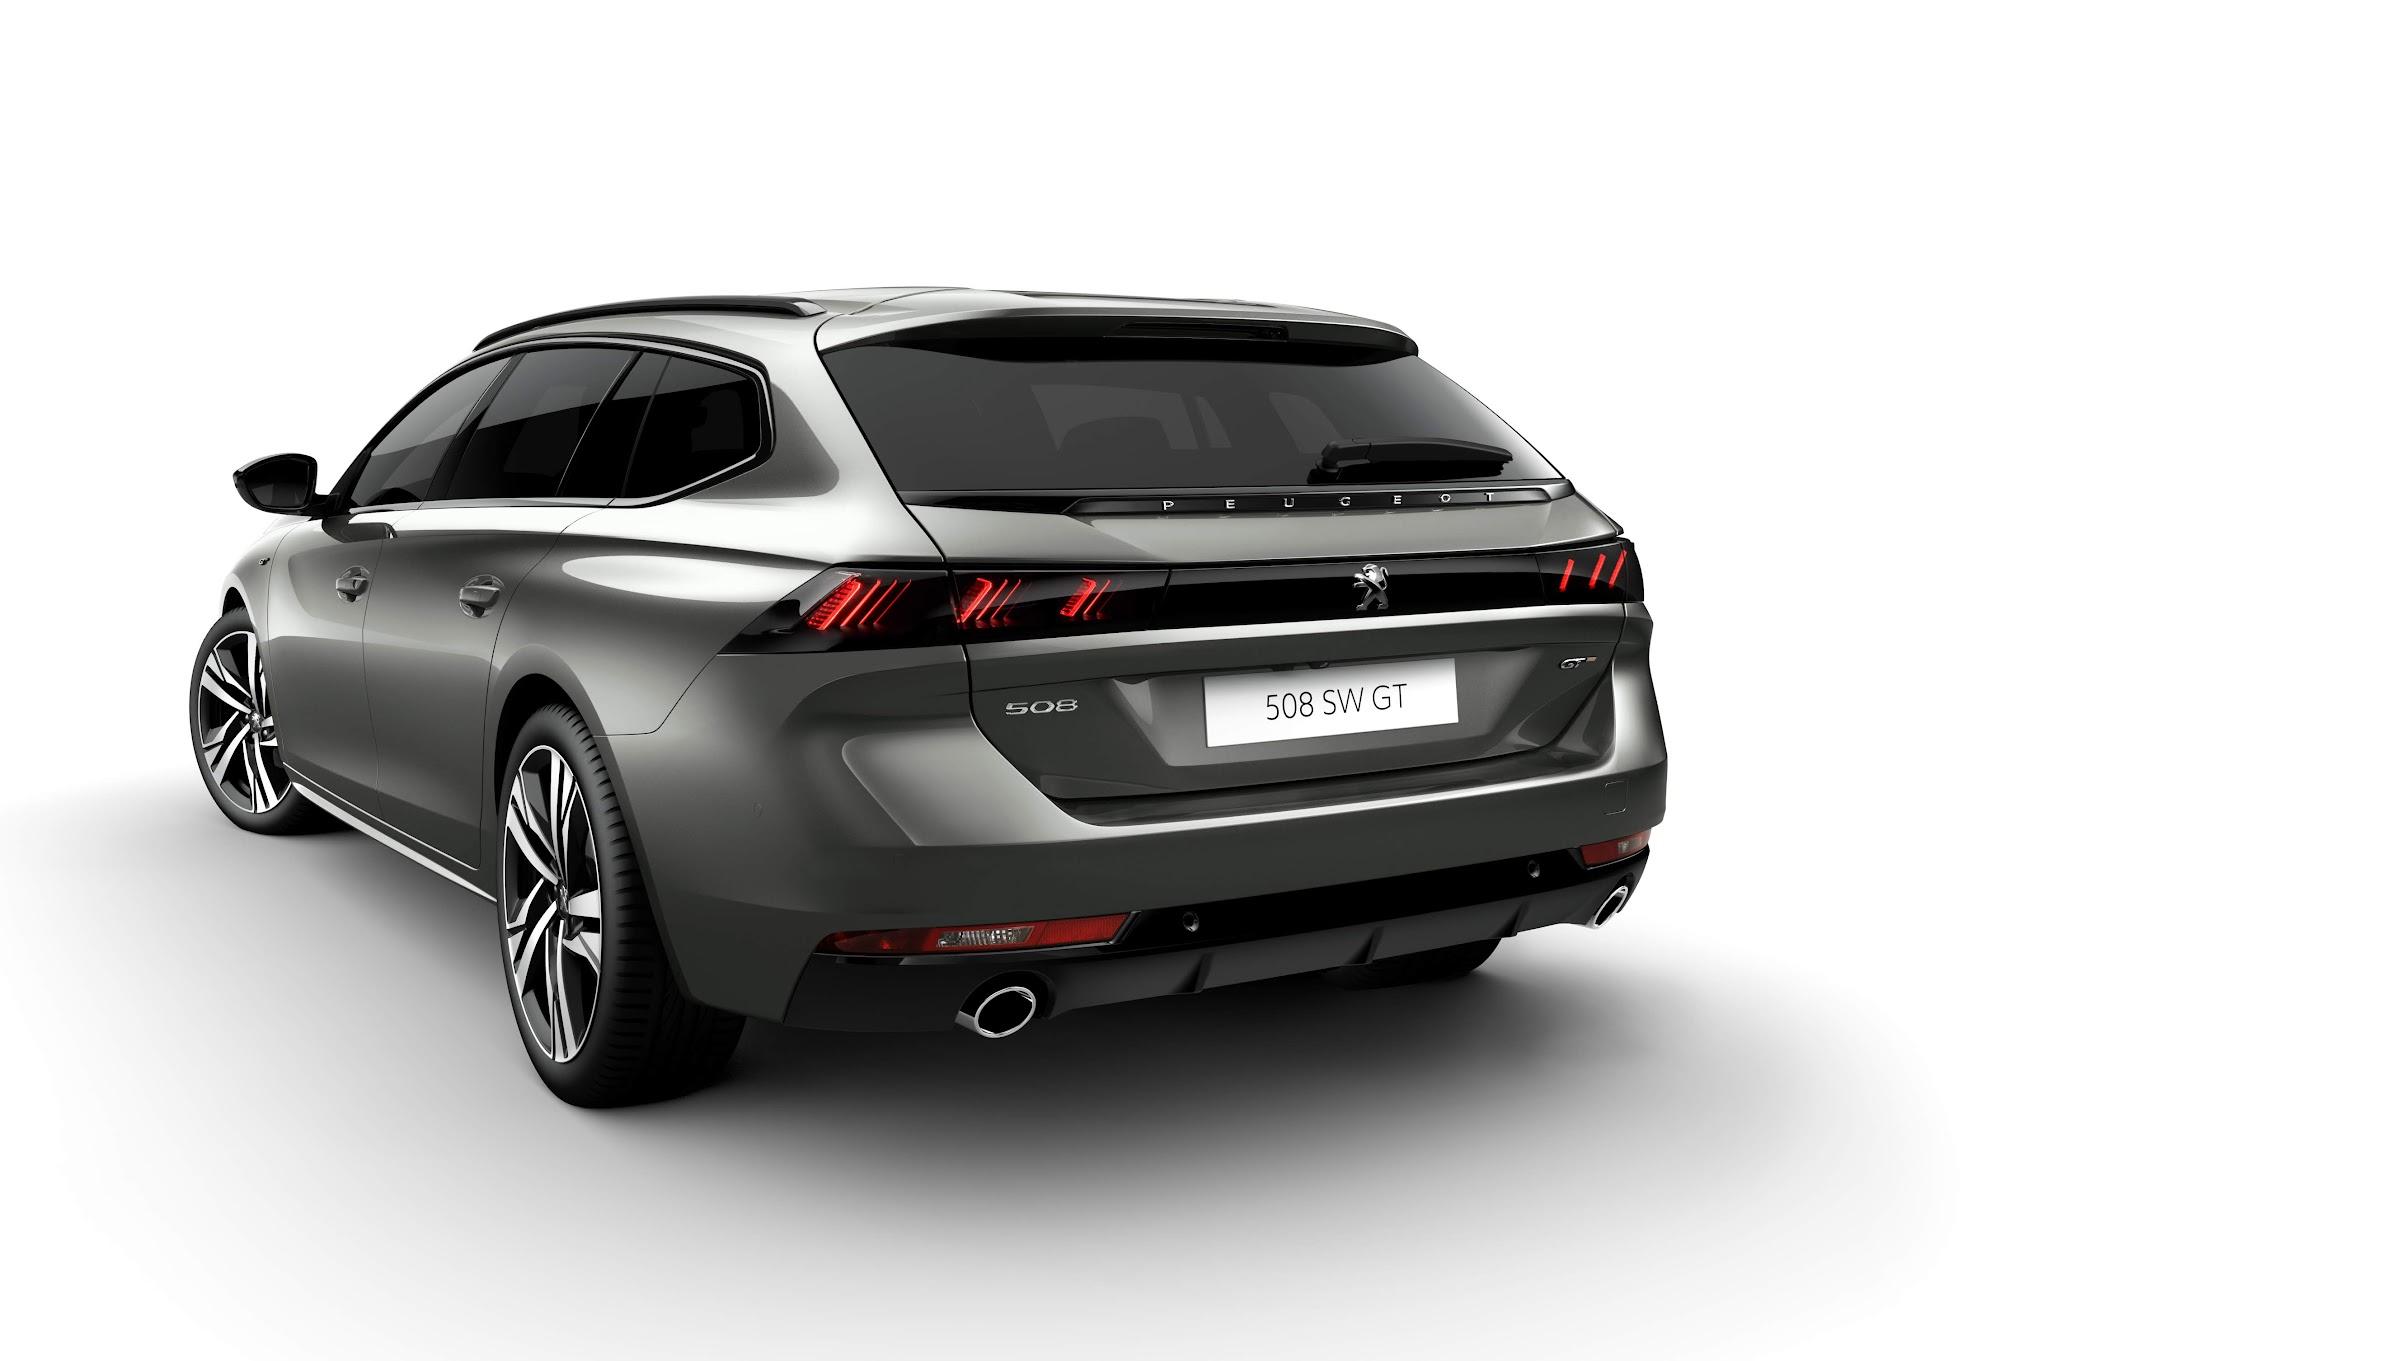 AHrDXNfNLeso7yjSrx256zGbjody9kkXbasDJg0qHpJ4VC6T3whKlfEeBxbXYSbZBt8ZU0aKphNM1NNSTJQZynnywPHmKg697ILlAPleflVxti2aXNZlq8mICSz6N D73Hv9xiHvoA=w2400 - Peugeot 508 SW: llega la versión familiar